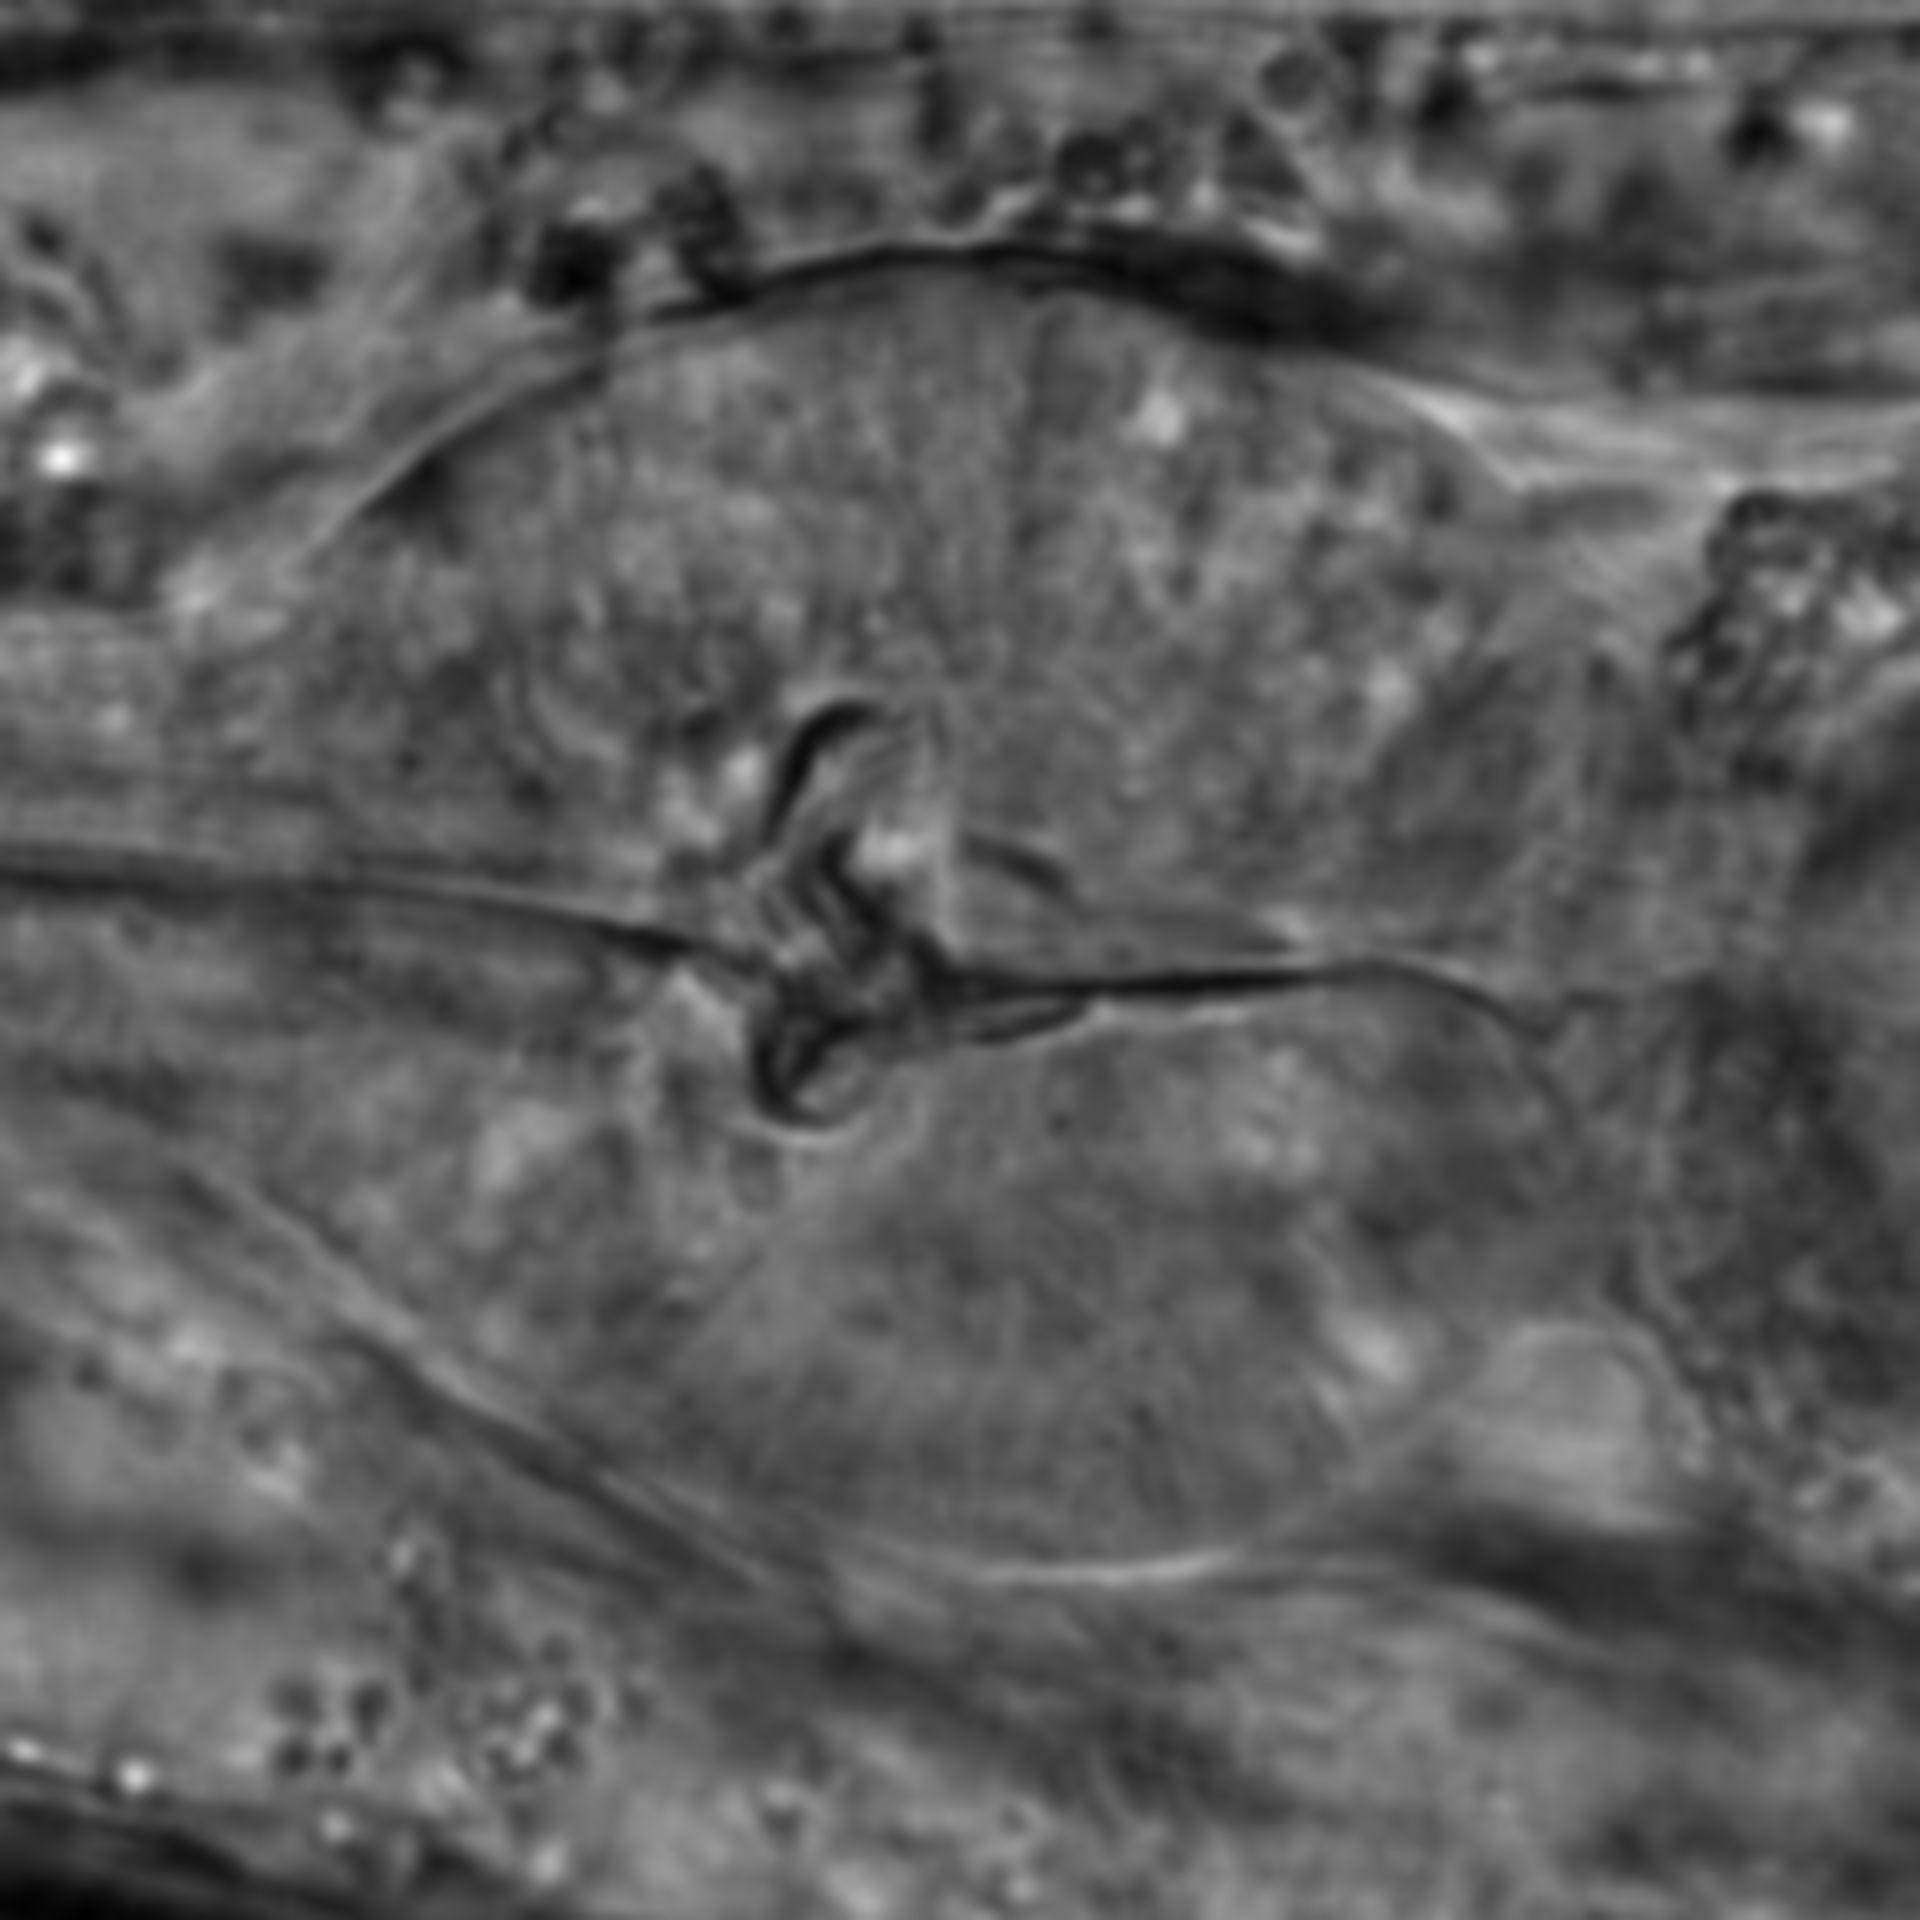 Caenorhabditis elegans - CIL:1756